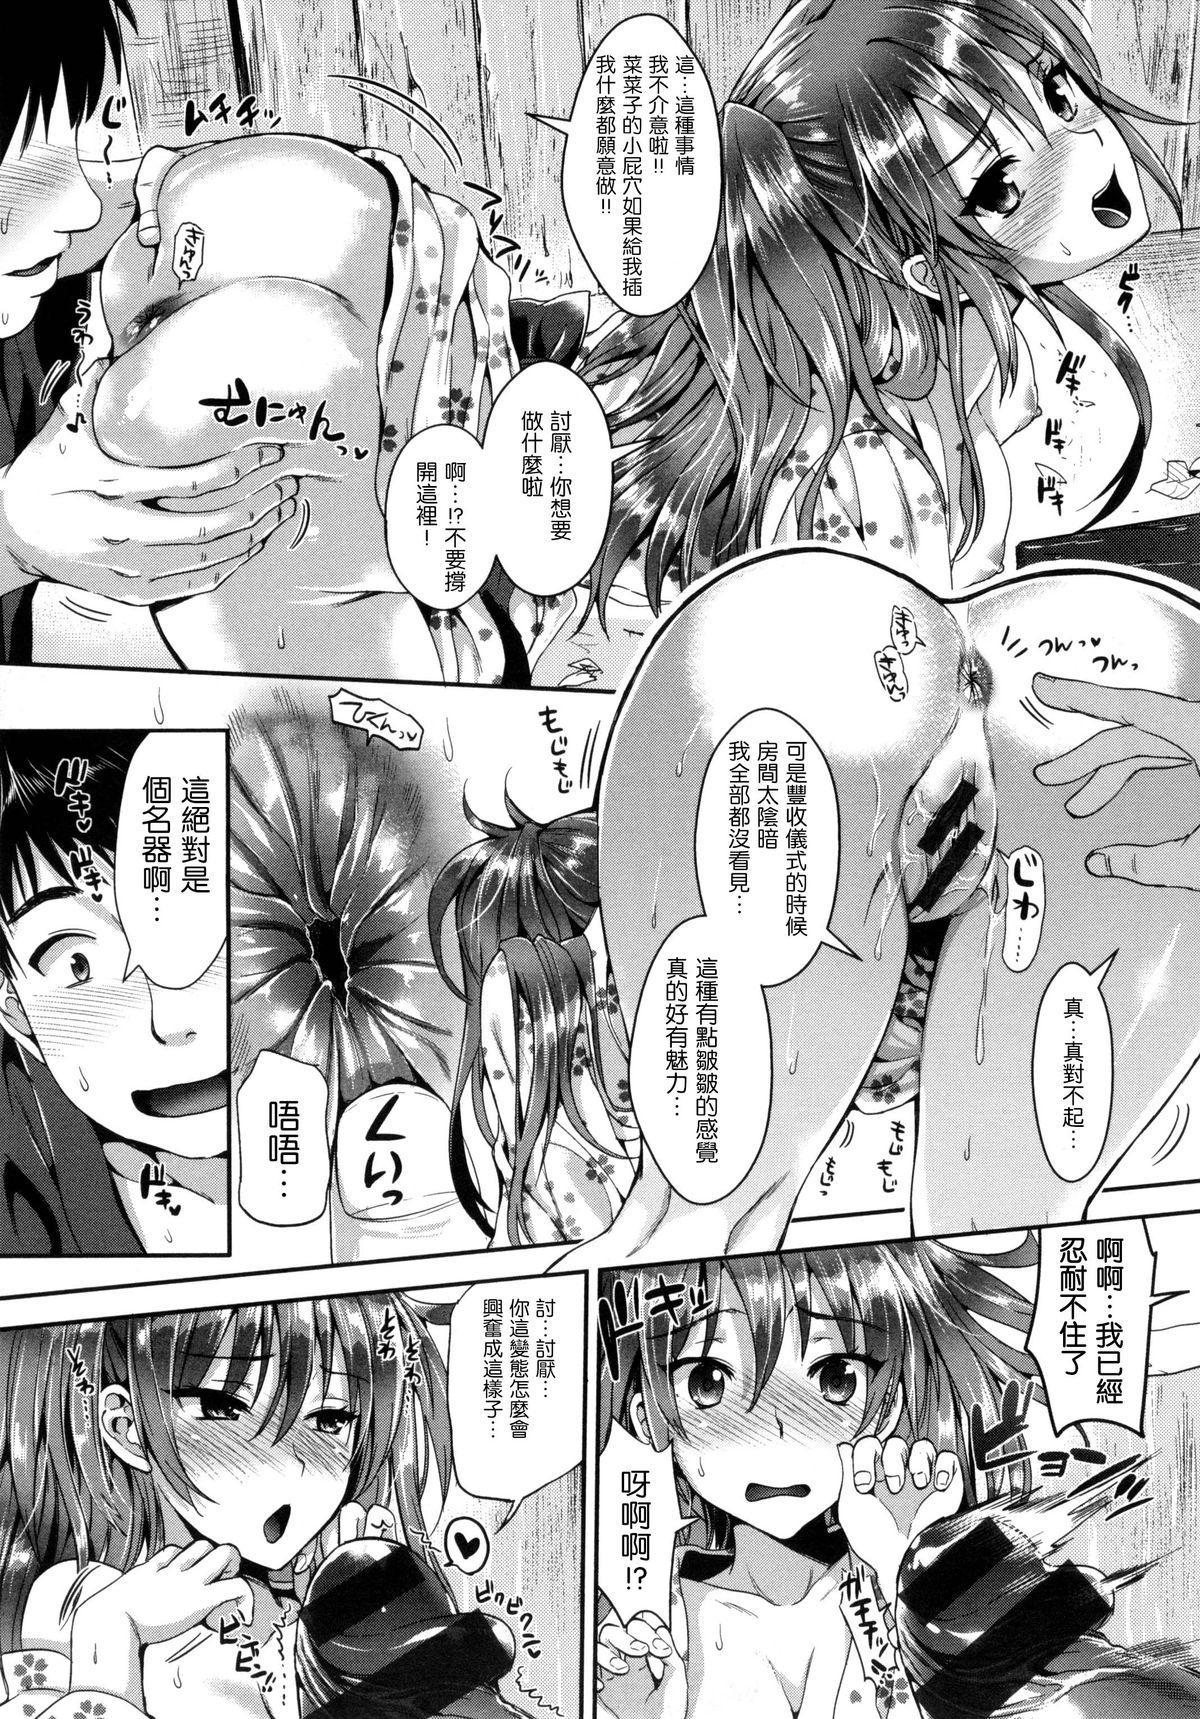 Seikousai - School Love Festival + Toranoana Gentei 8P Shousasshi 165